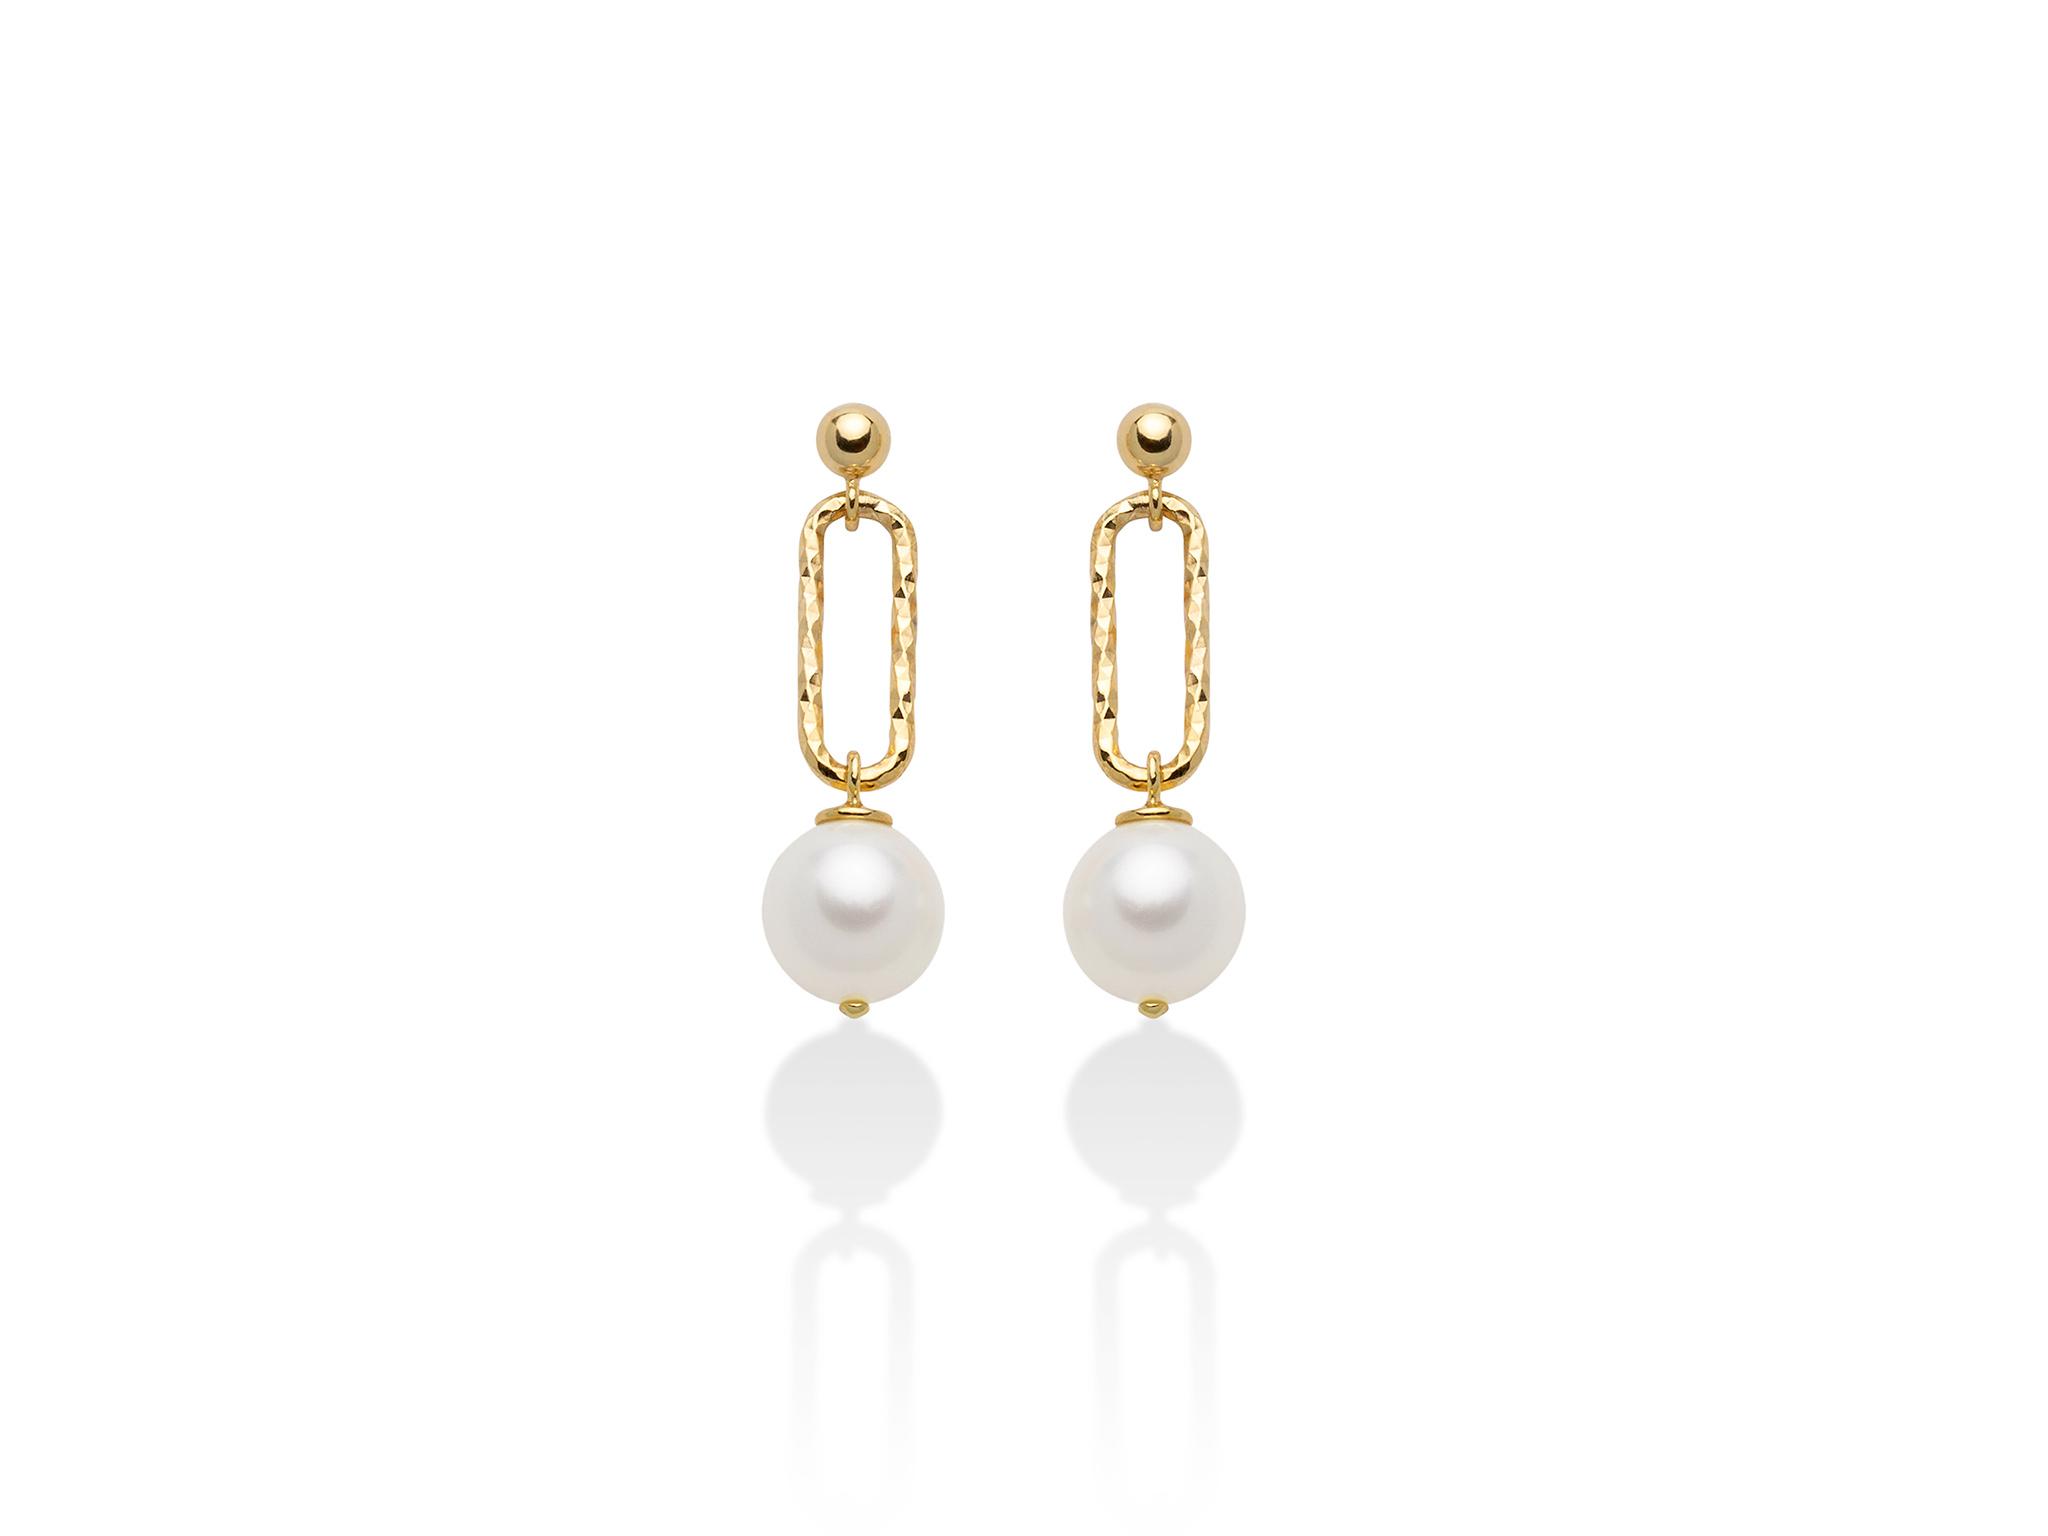 Orecchini pendenti, con catena, in argento con perle. - PER2513G